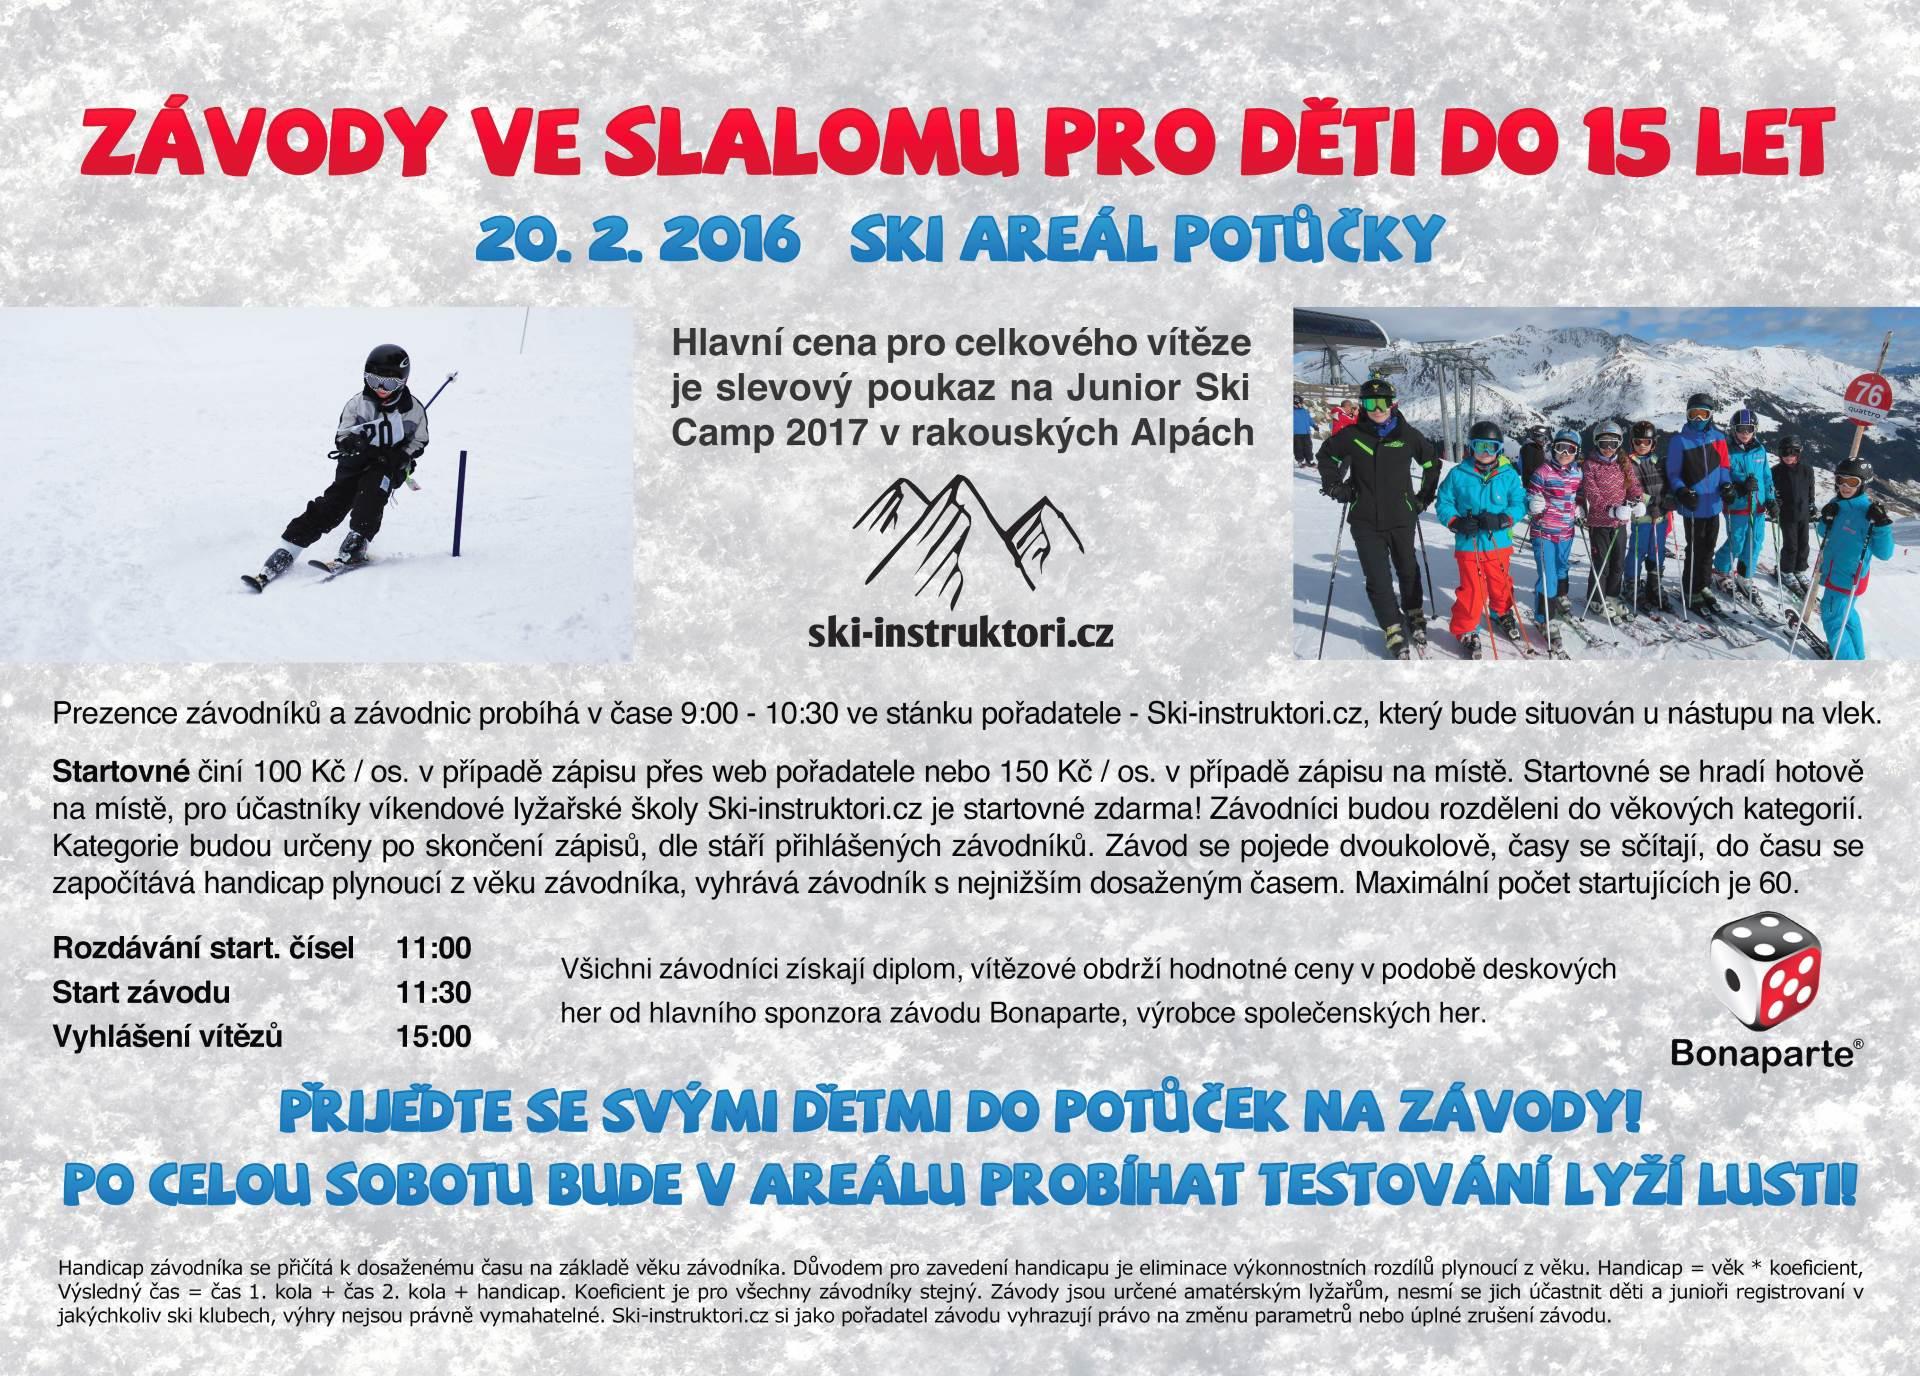 Závody ve slalomu pro děti do 15 let